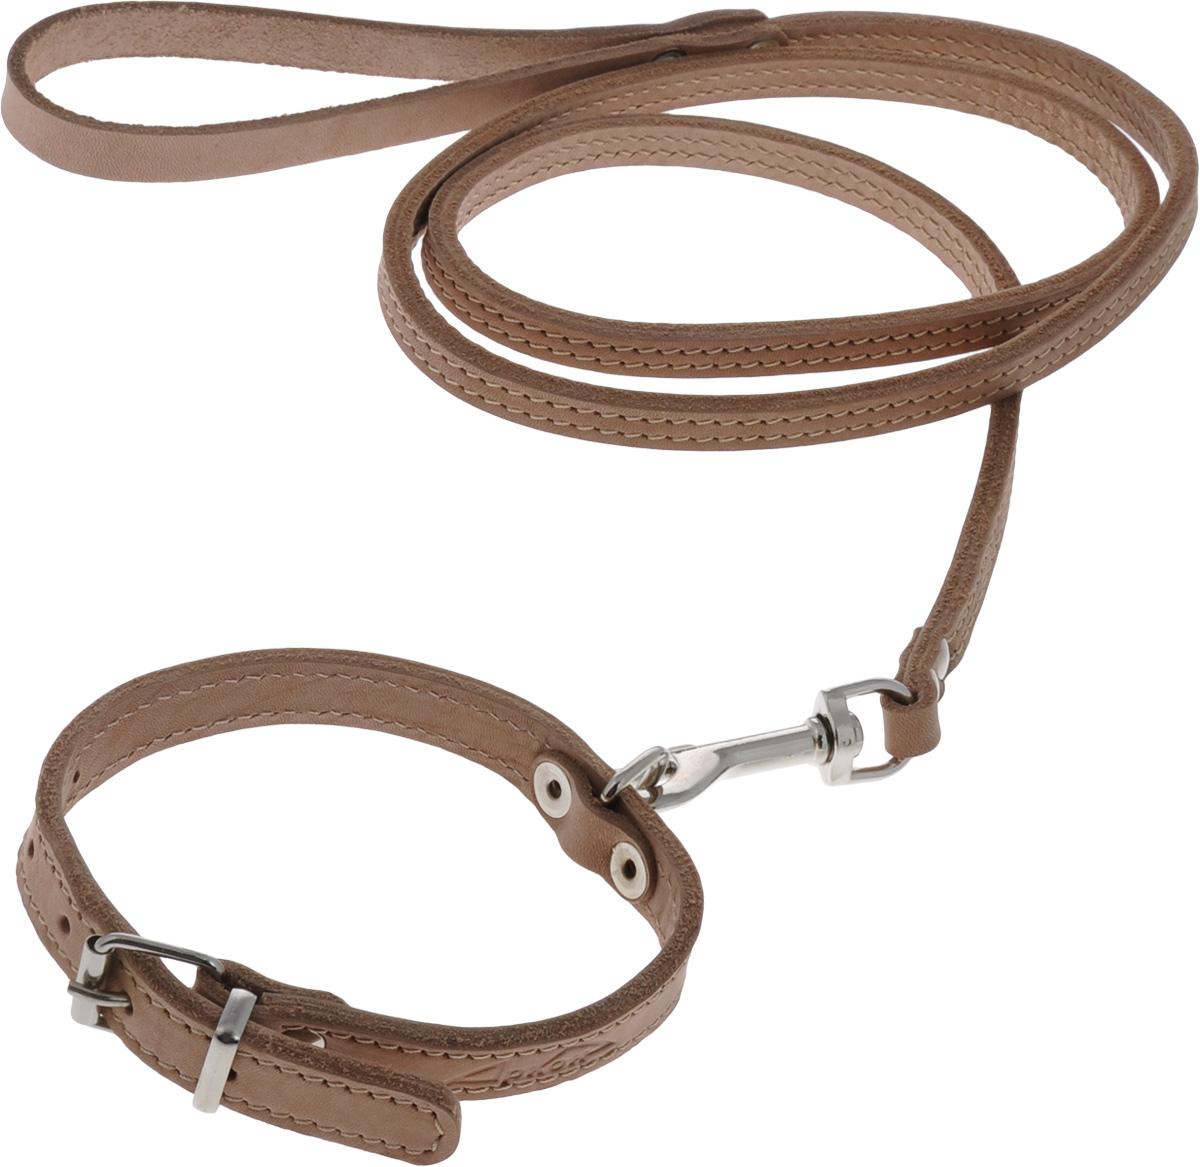 Комплект для собак Аркон Стандарт №7, цвет: коньячный, 2 предмета0120710Комплект для животных Аркон Стандарт №7 состоит из ошейника и поводка. Изделия изготовлены из высококачественного металла и прошитой в два слоя натуральной кожи. Надежная конструкция обеспечит вашему четвероногому другу комфортную и безопасную прогулку.Такой комплект подходит для мелких и средних пород собак. Длина поводка: 1,4 м.Ширина поводка: 1 см.Обхват шеи: 25 - 33 см. Ширина ошейника: 1,6 см.